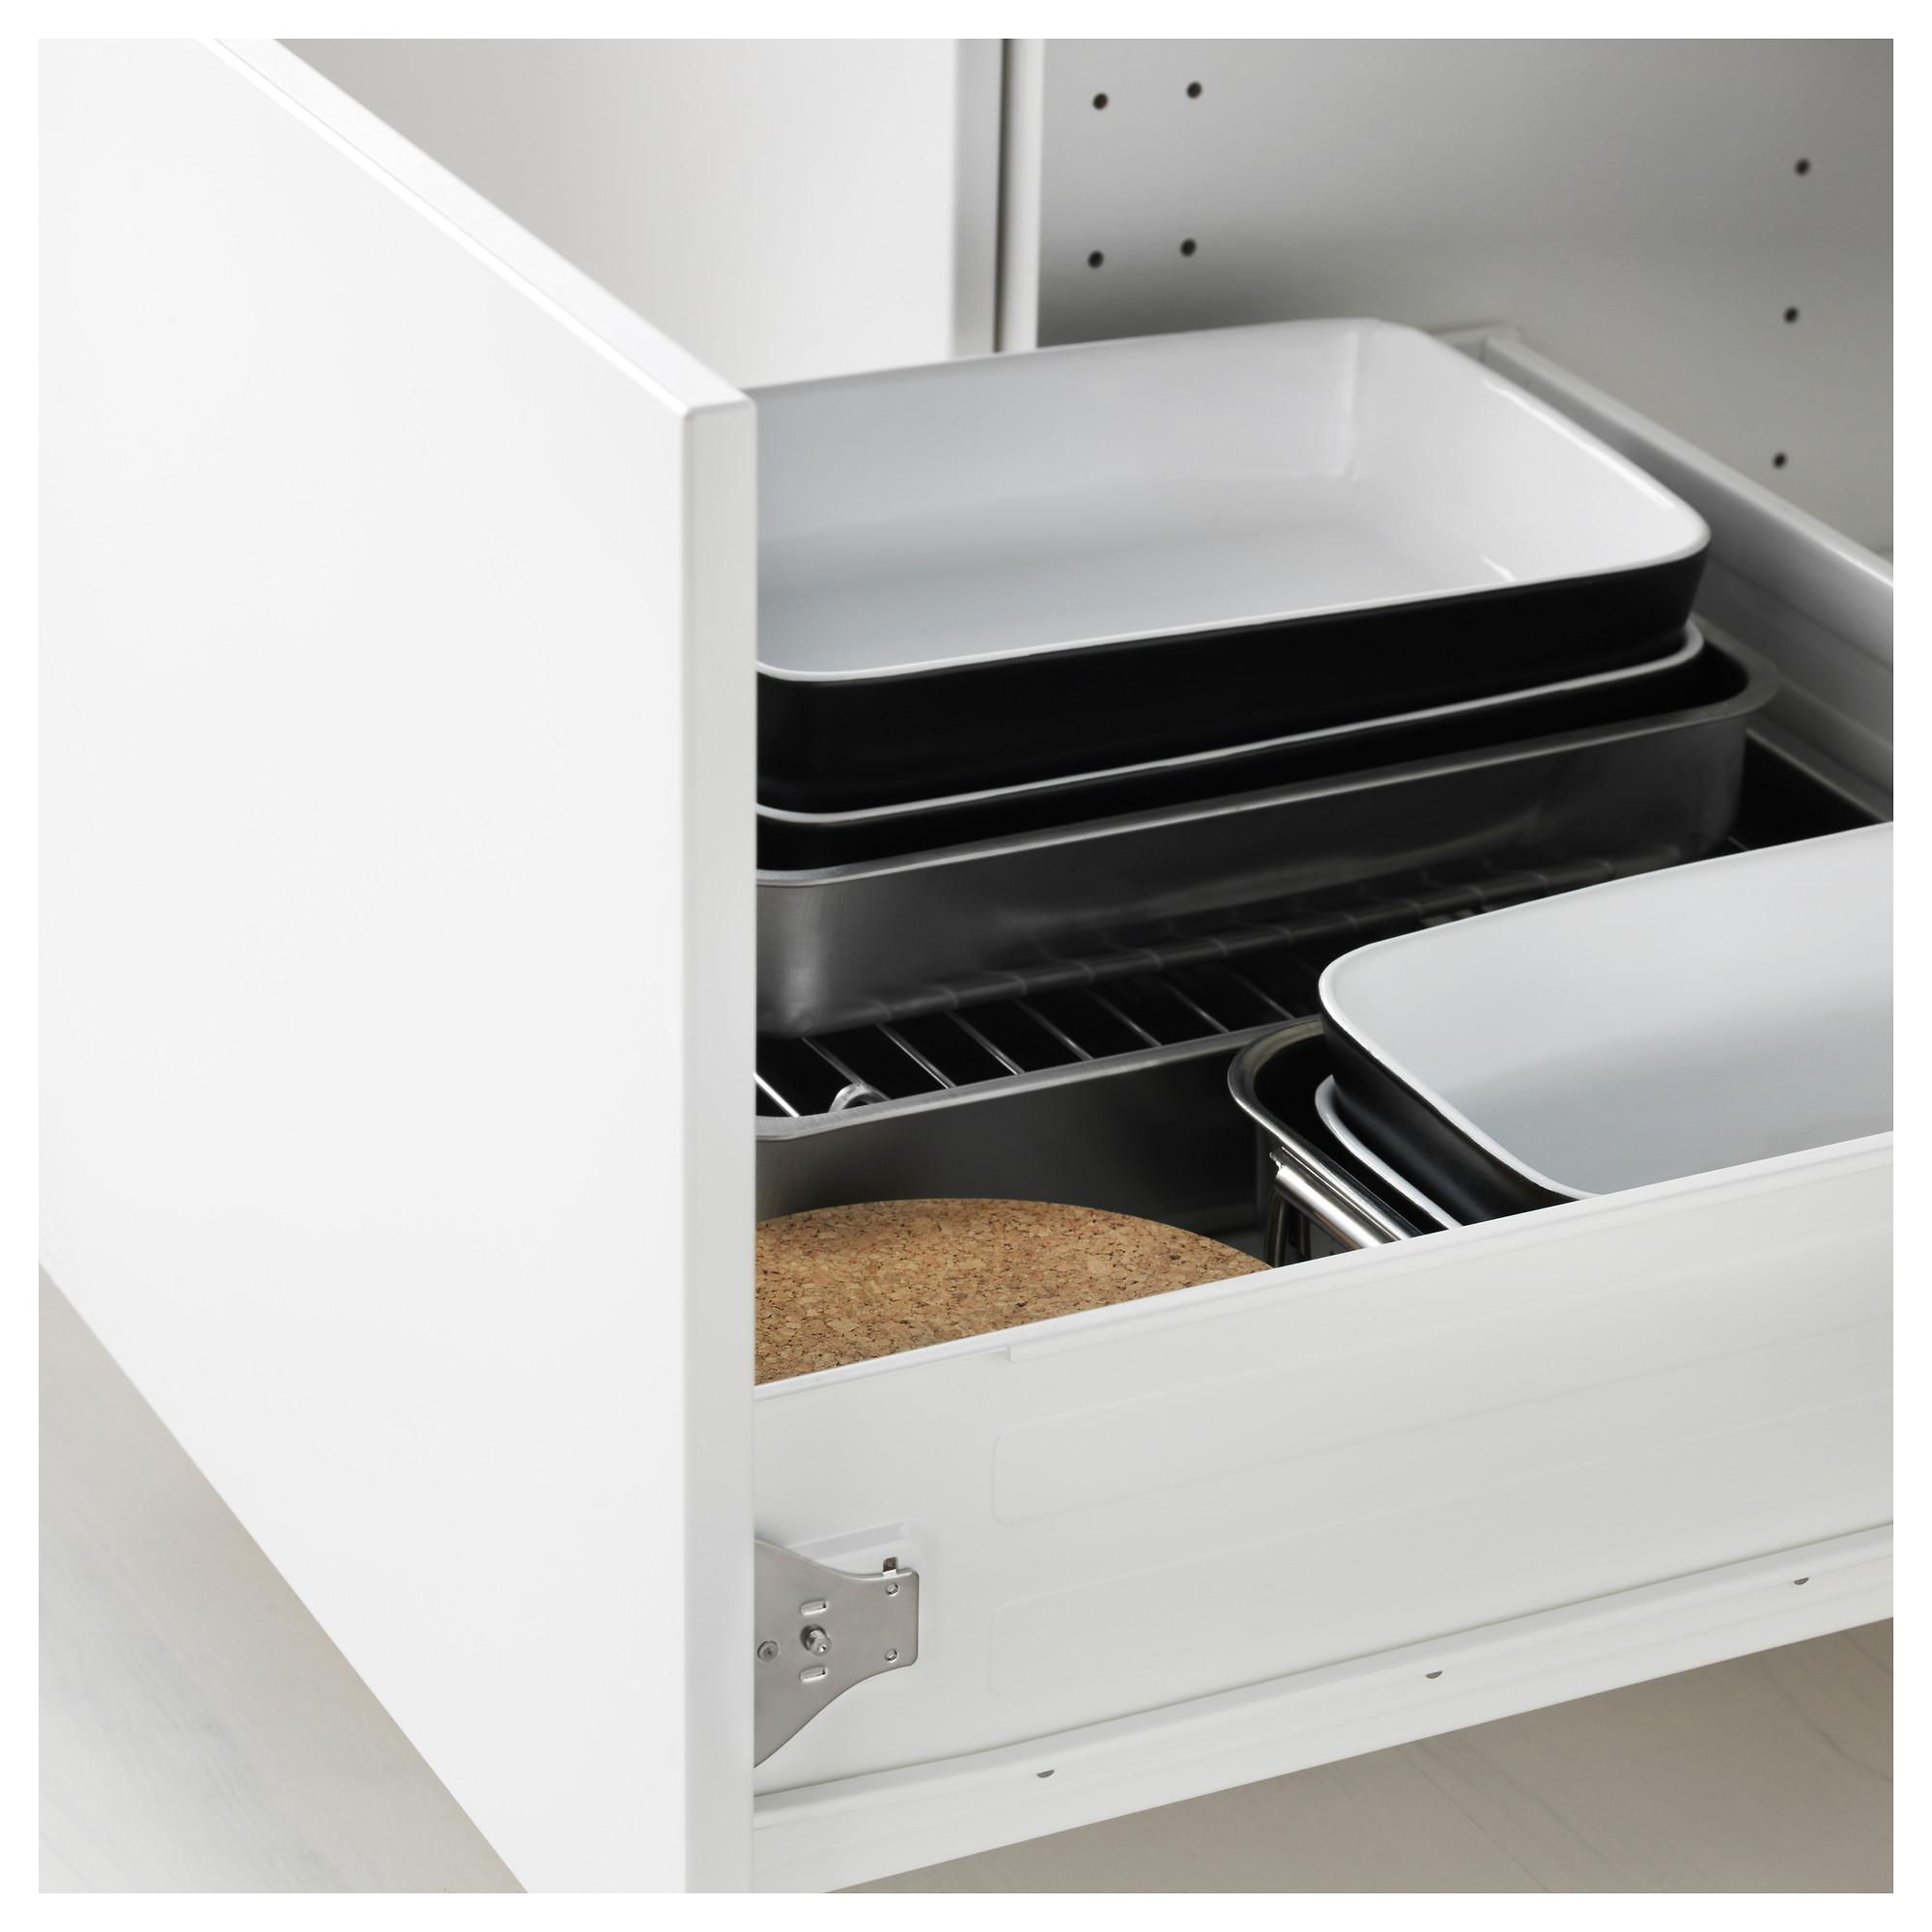 Высокий шкаф для духовки комбинированный, духовка + дверца, 3 ящика МЕТОД / ФОРВАРА белый артикуль № 692.621.22 в наличии. Онлайн сайт IKEA Минск. Быстрая доставка и соборка.